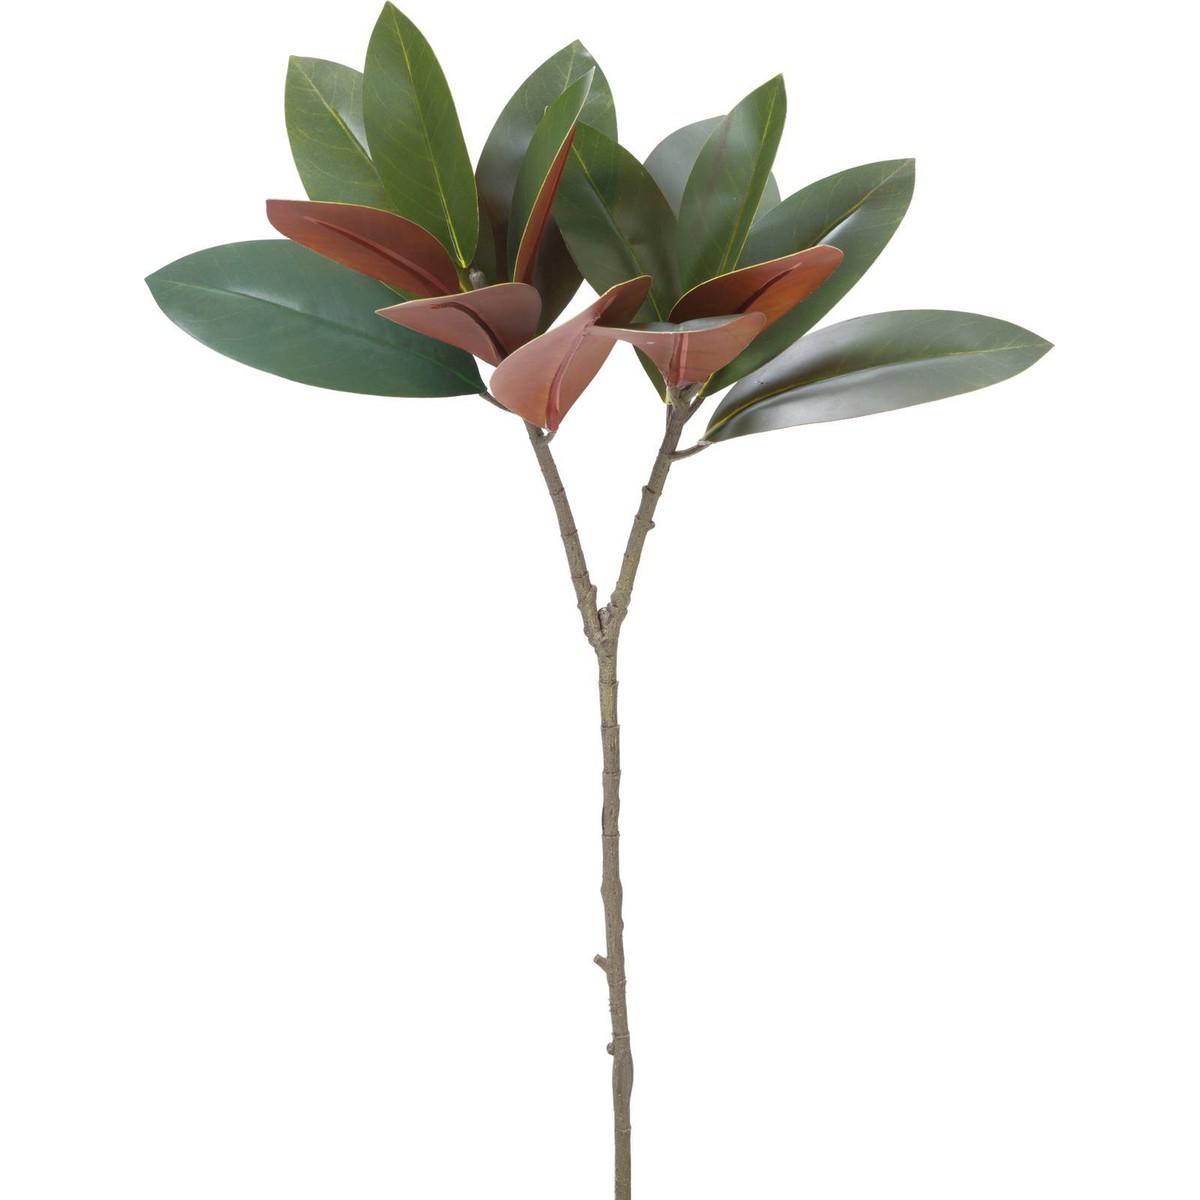 【造花】YDM/マグノリアリーフブランチ グリーン/FG-4880-GR【01】【01】【取寄】《 造花(アーティフィシャルフラワー) 造花 花材「ま行」 モクレン(木蓮)・マグノリア 》